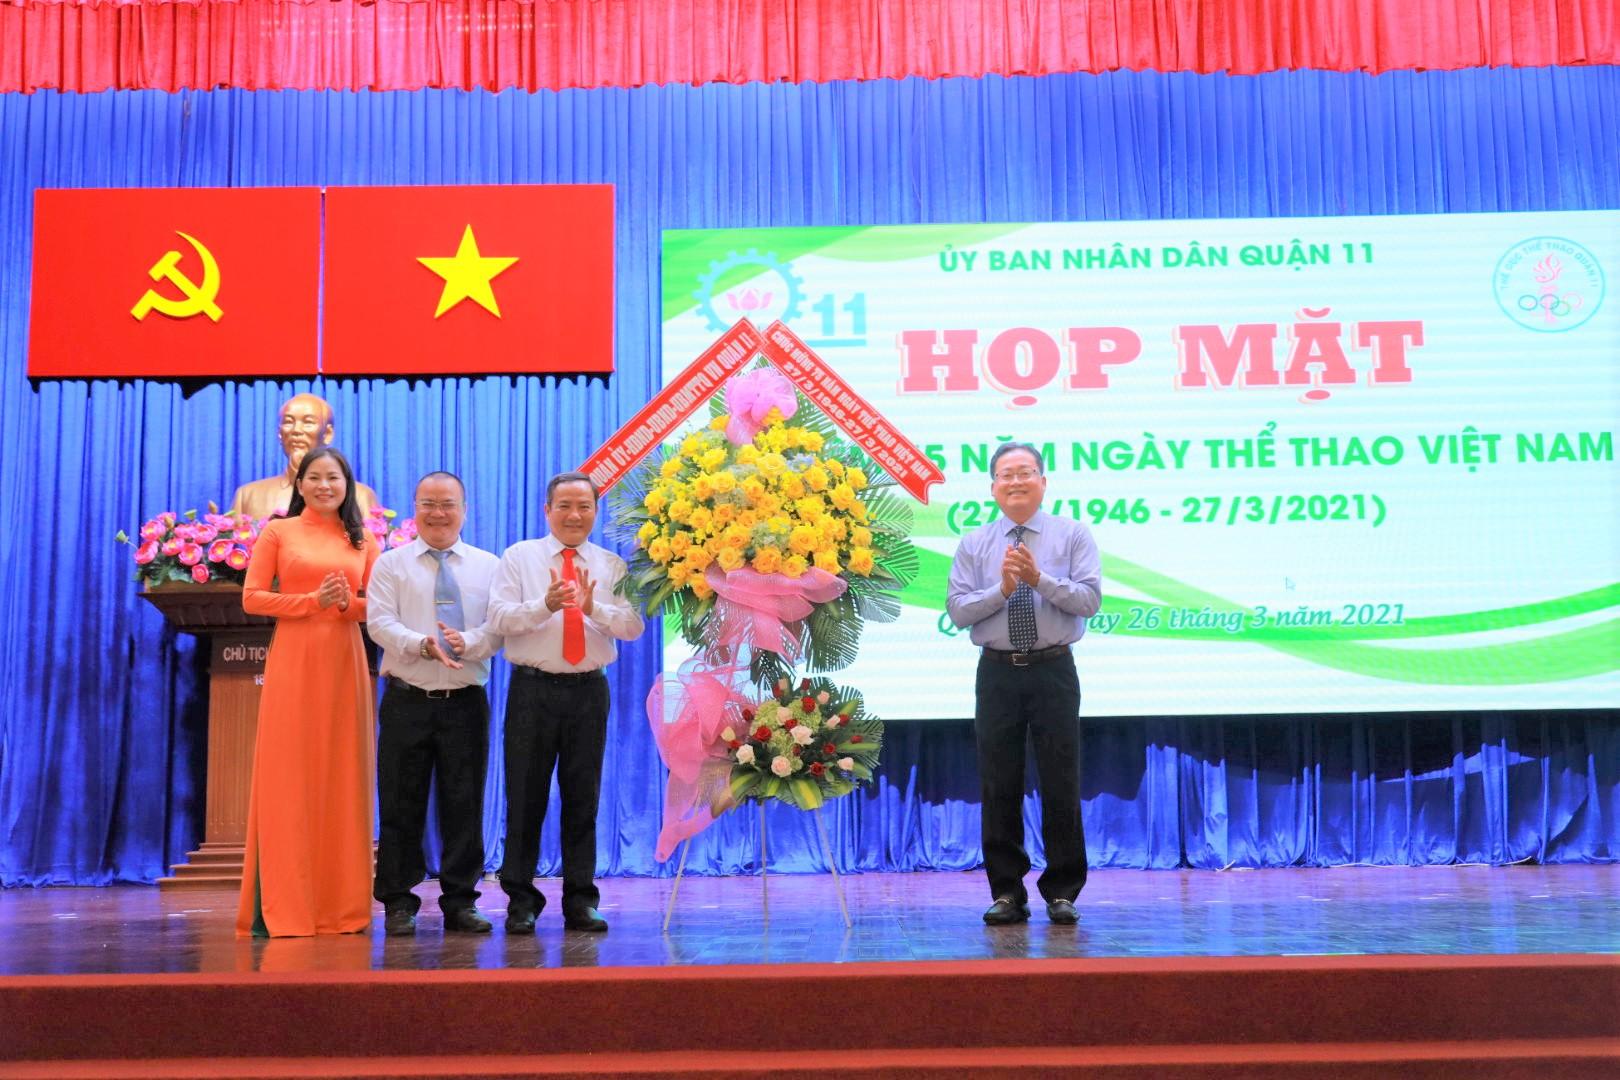 Hình ảnh: Quận 11 tổ chức họp mặt kỷ niệm 75 năm Ngày Thể thao Việt Nam số 2